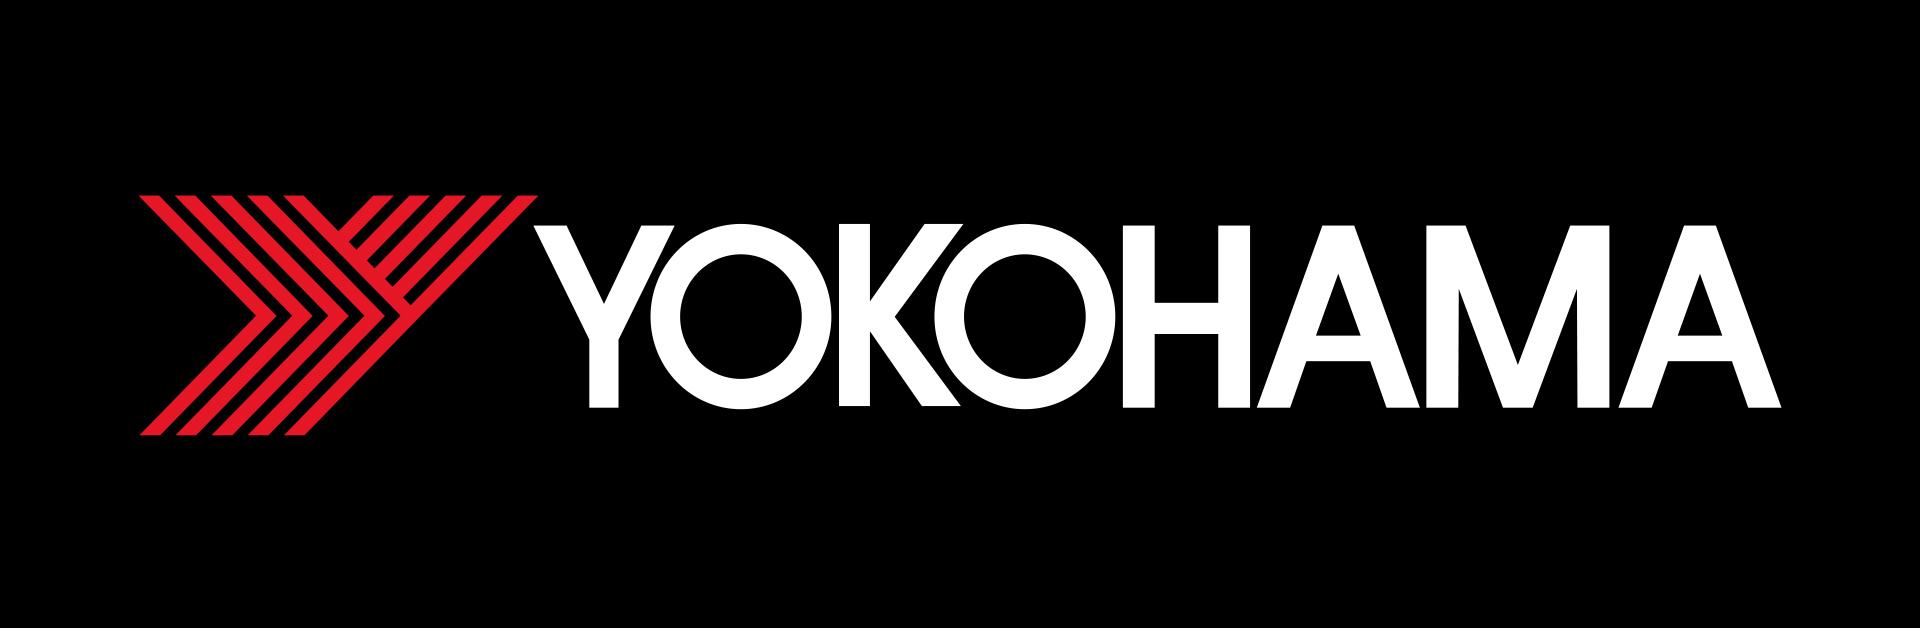 YOKOHAMA AT